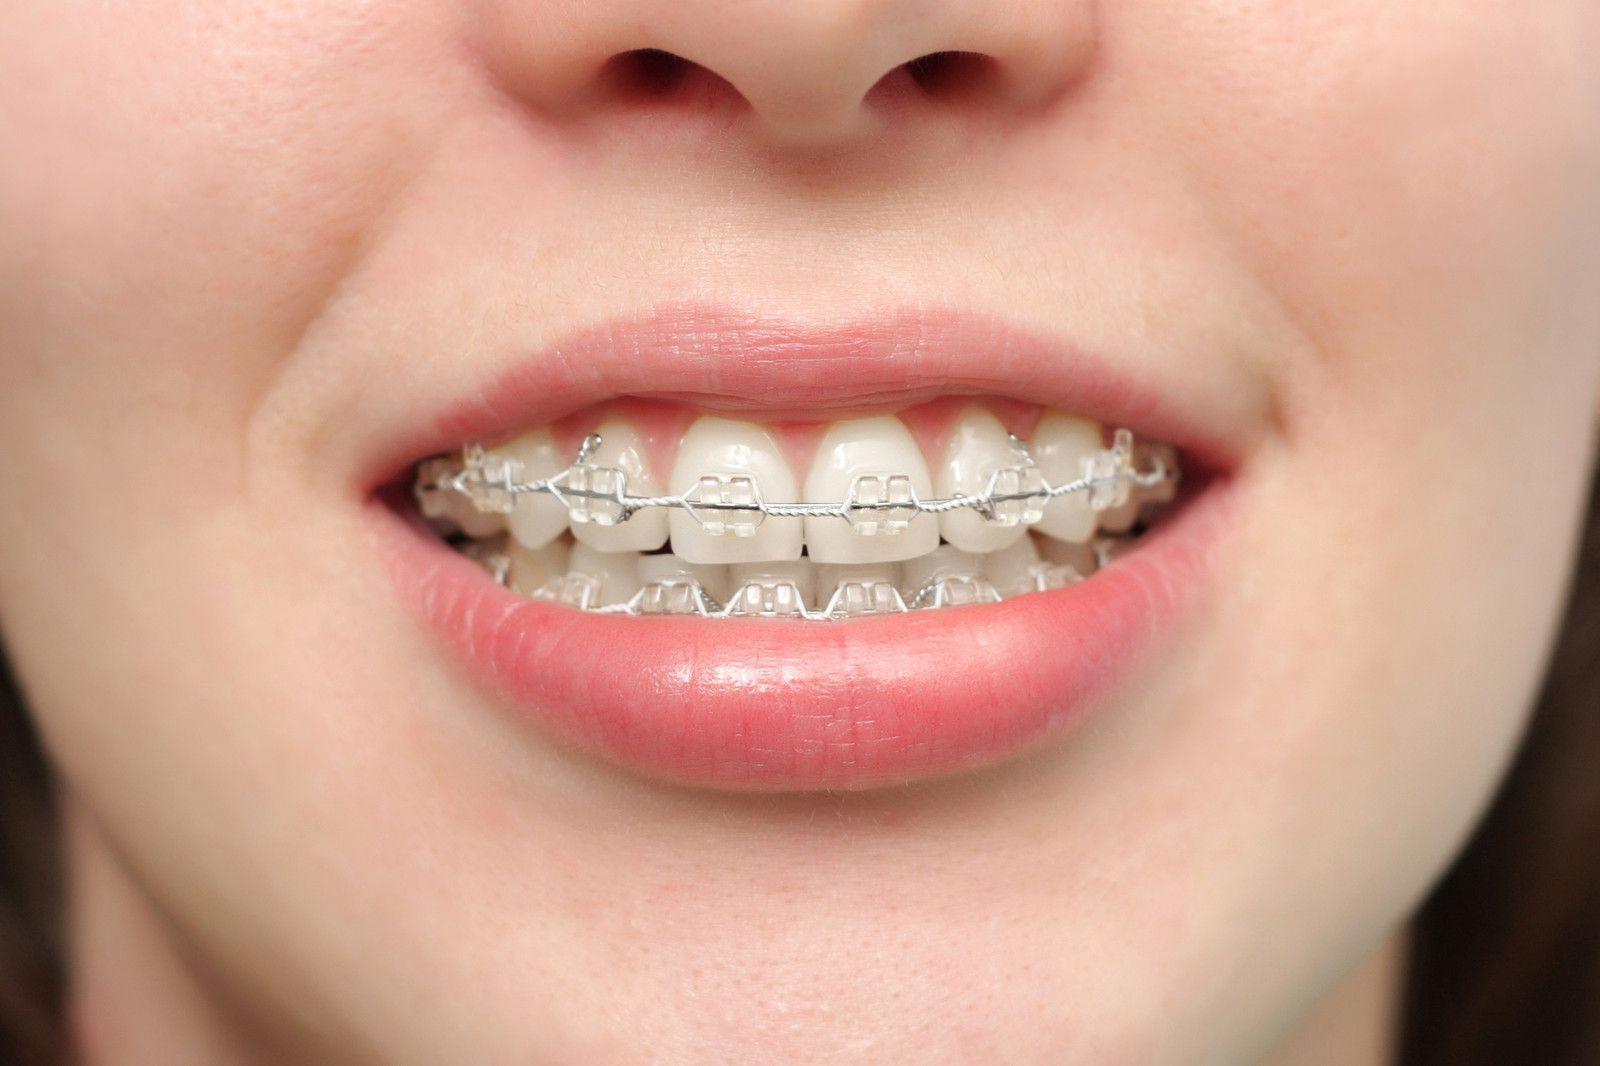 Nguyên nhân khiến niềng răng thất bại - Nha khoa thẩm mỹ Bally